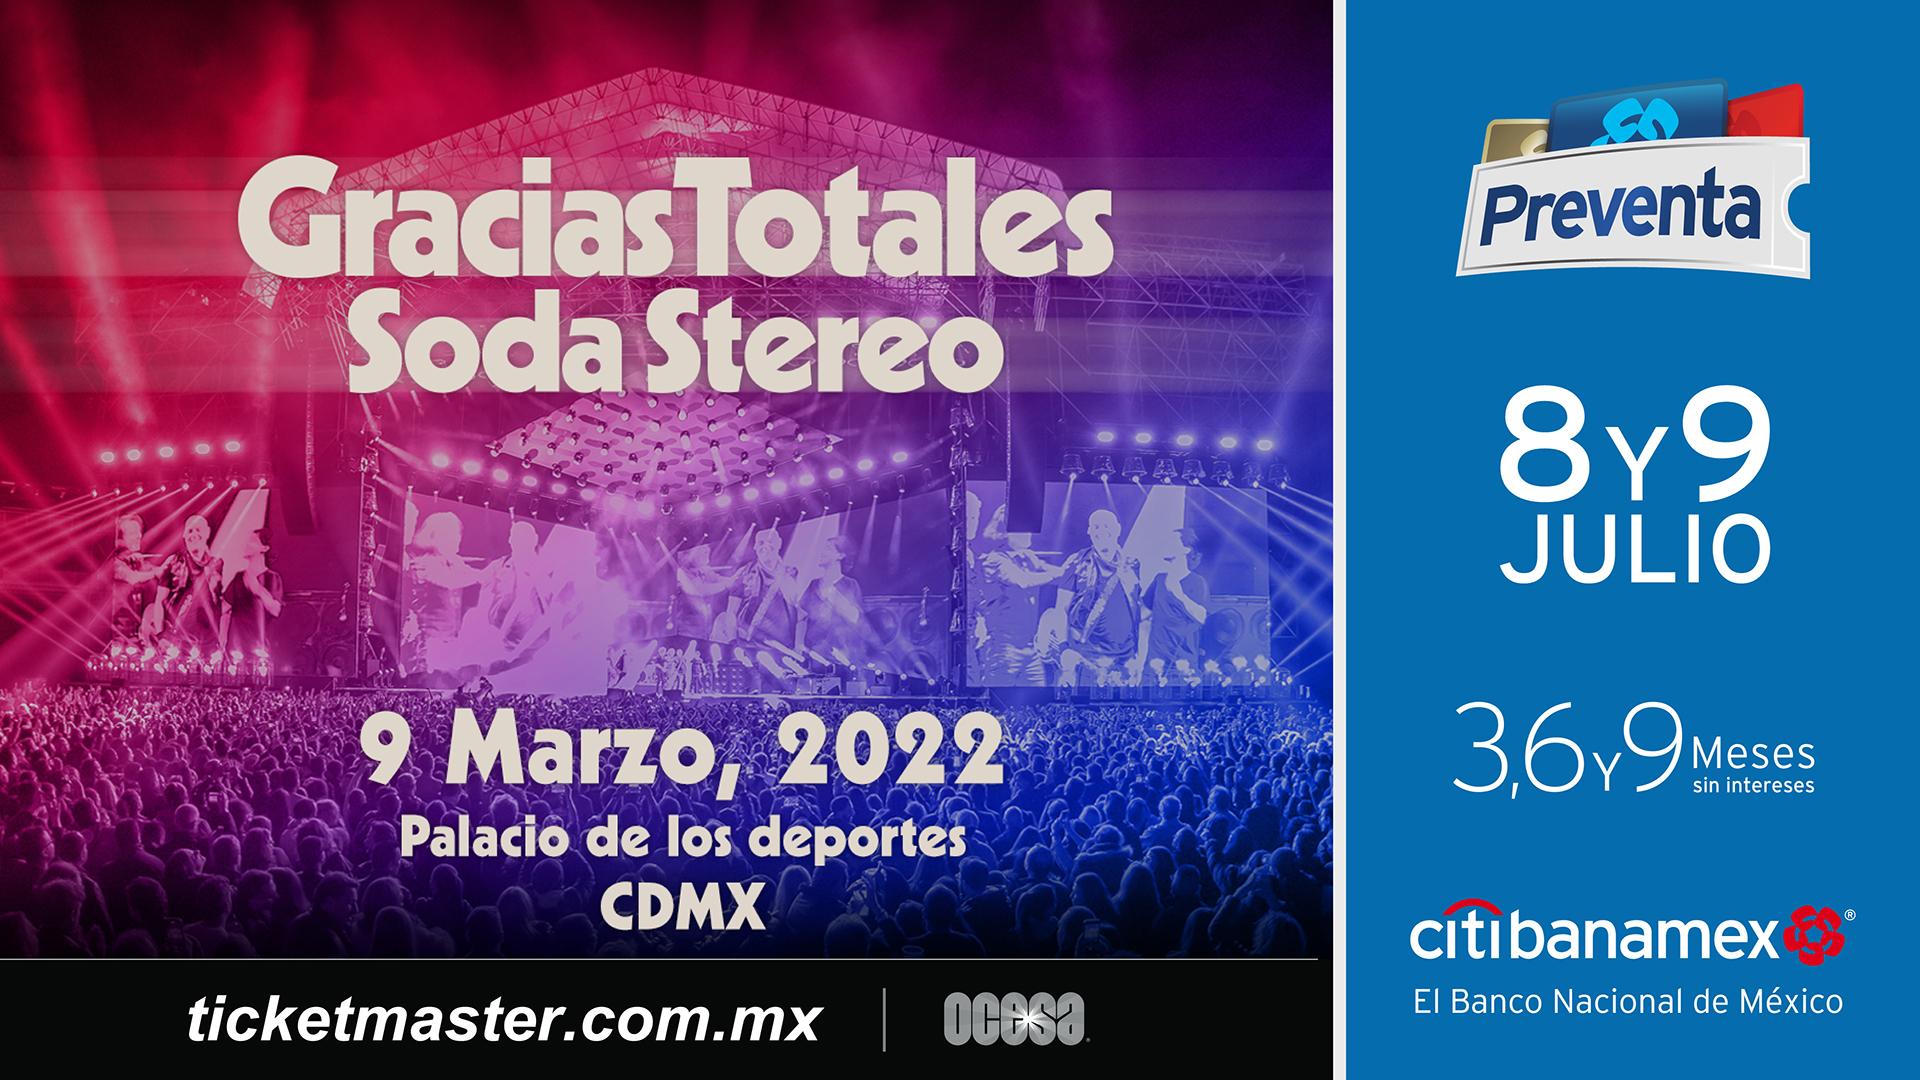 Gracias Totales Soda Stereo en México